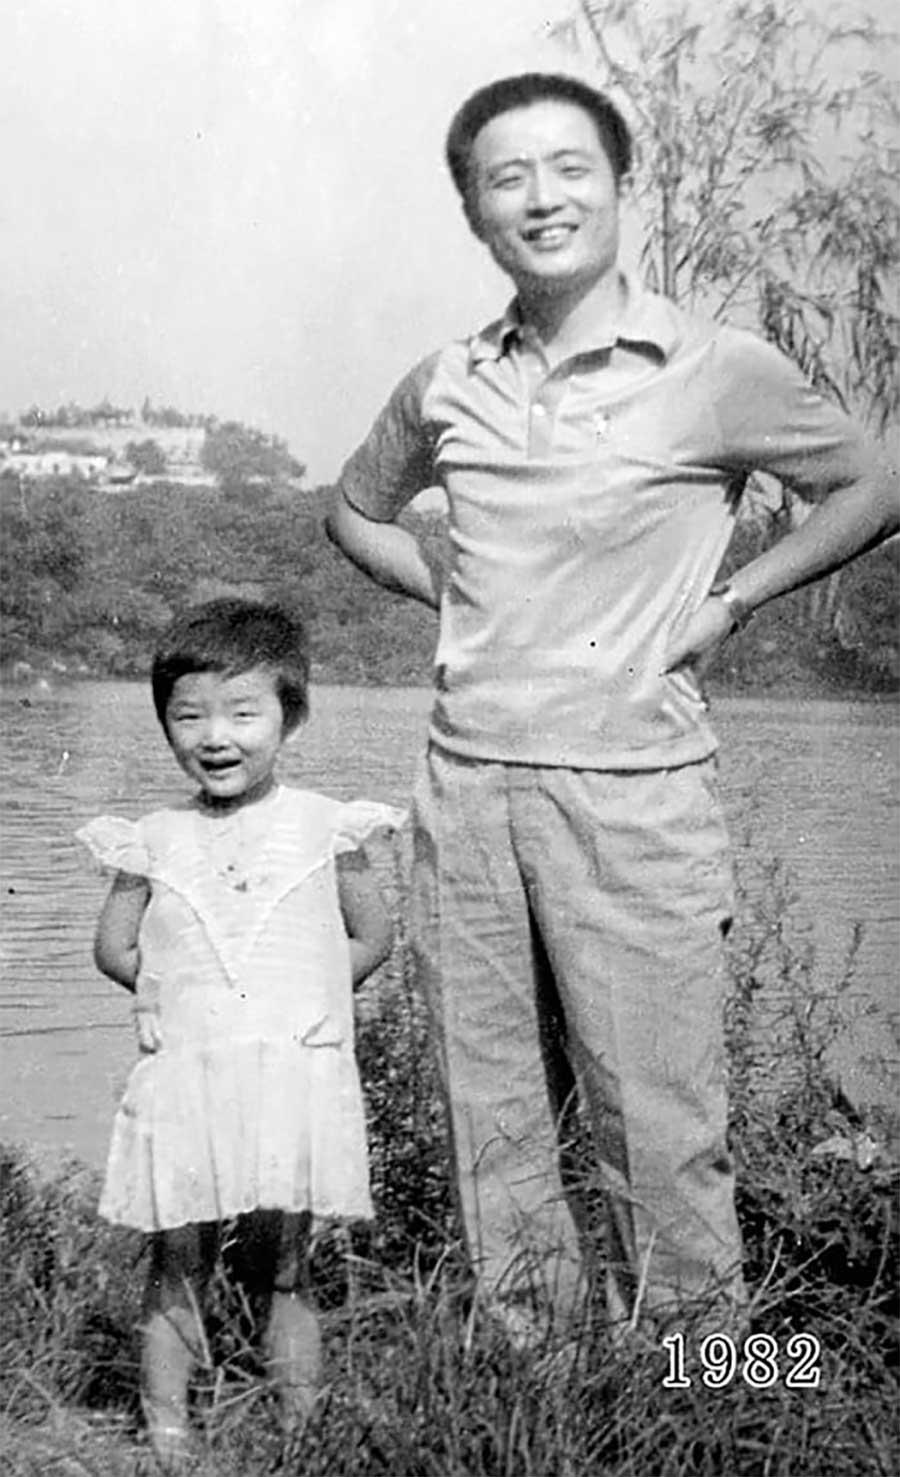 Vater und Tochter machen seit 1980 jährlich ein Foto am gleichen Ort Vater-Tochter-40-Jahre-portraits-gleicher-ort_Hua-Yunqing_03